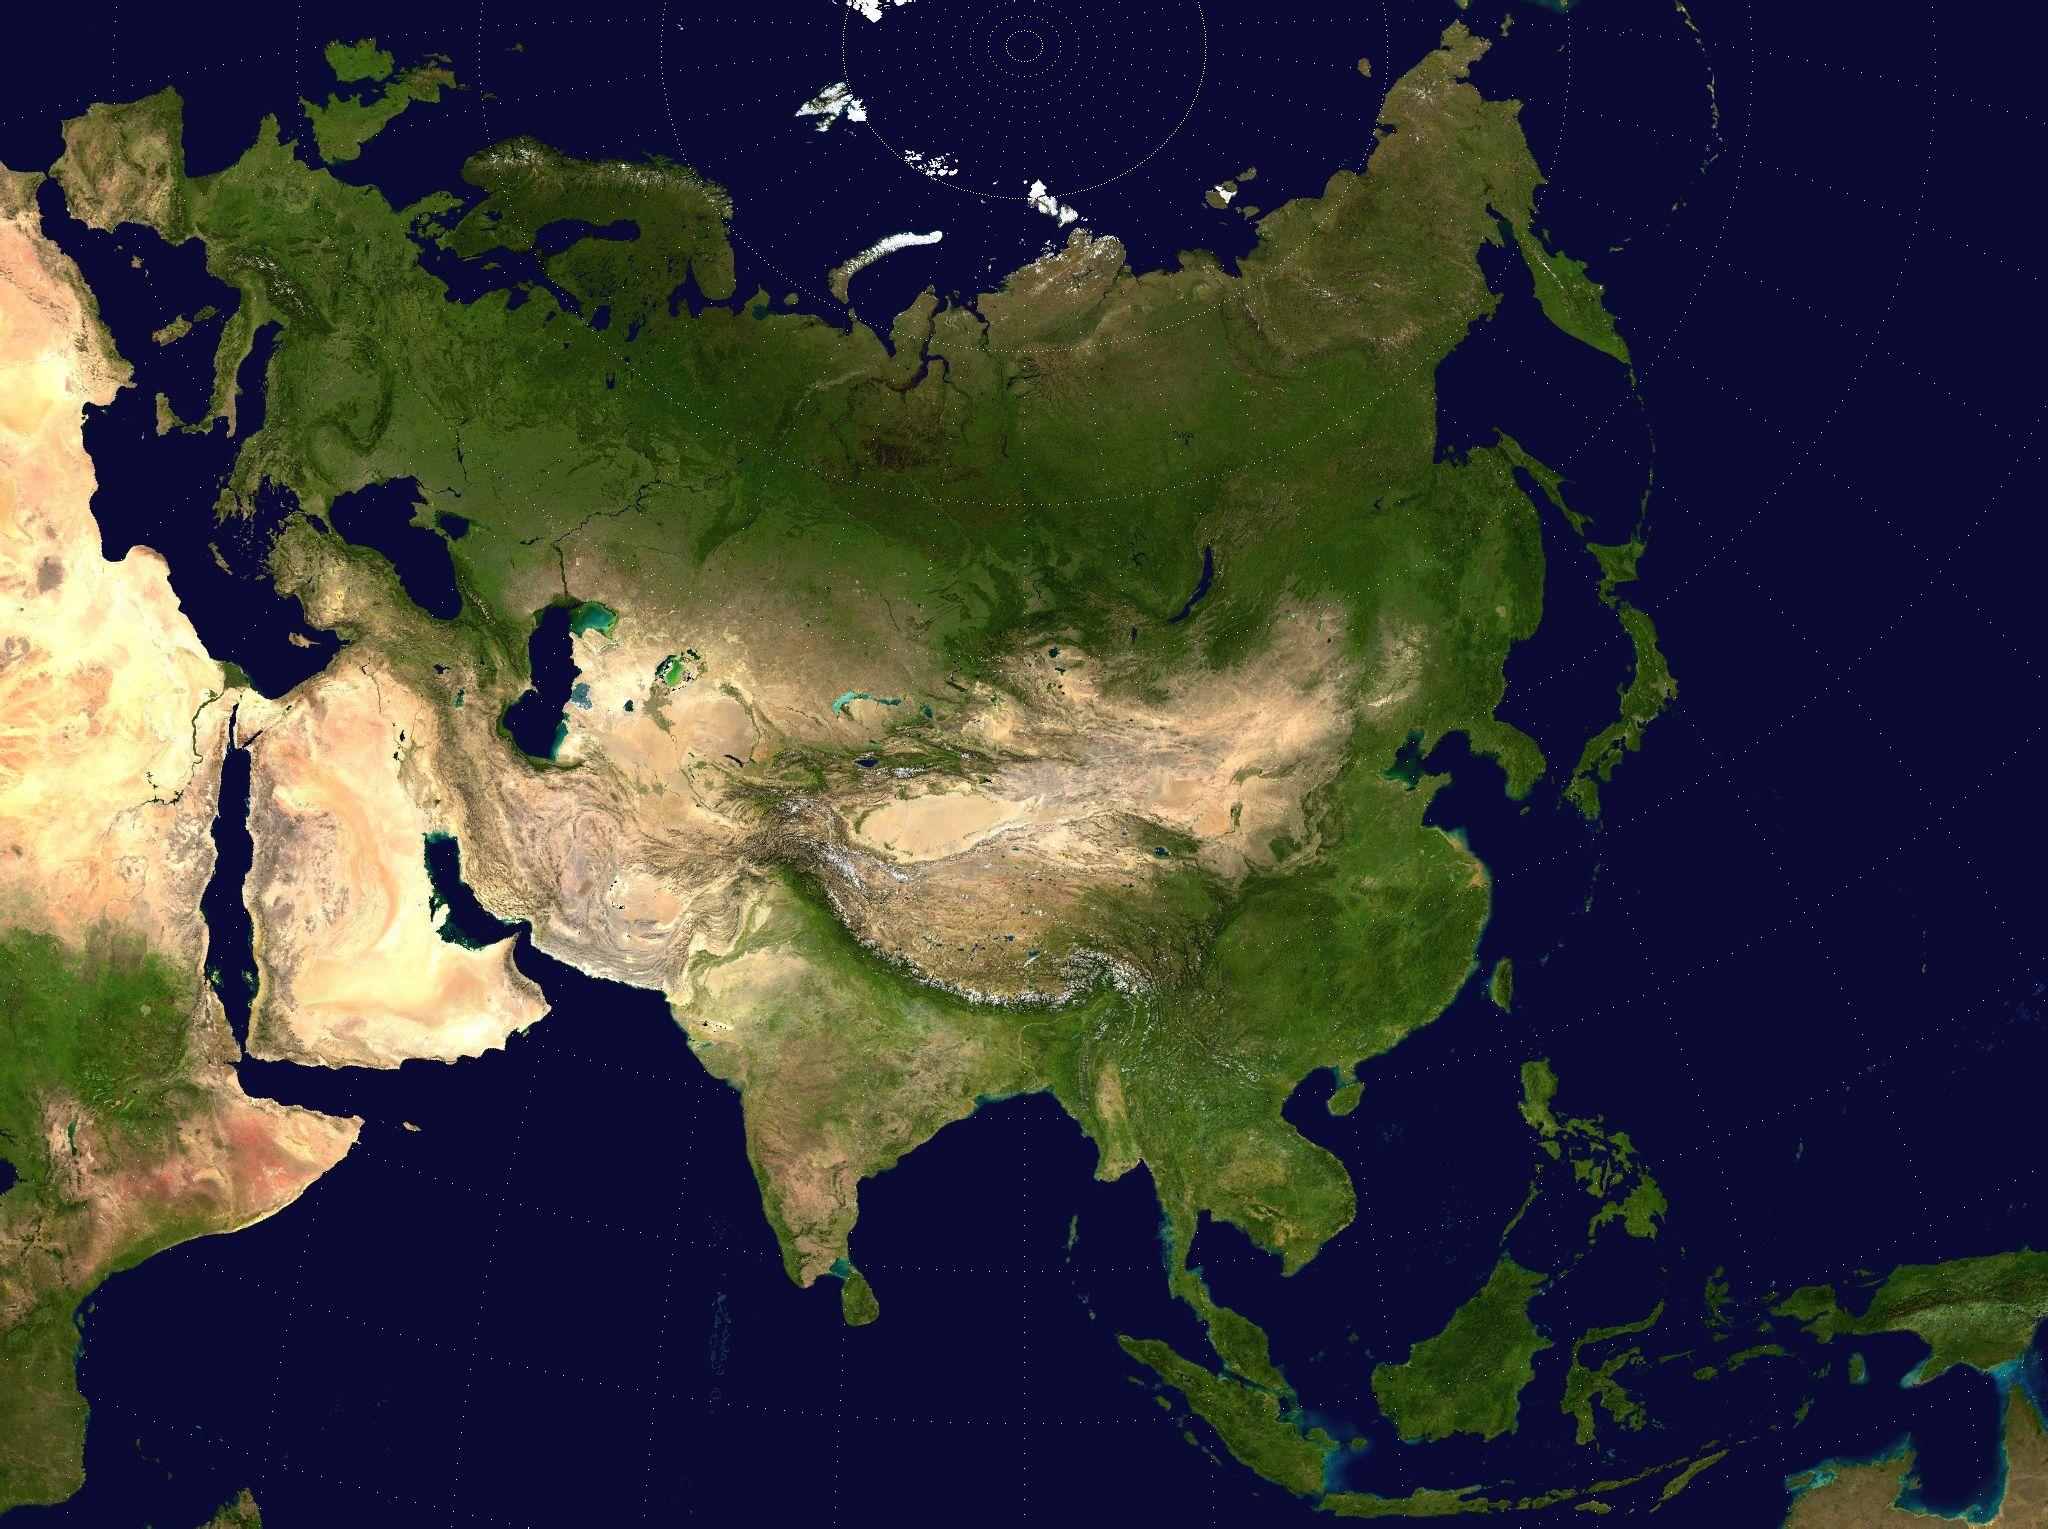 卫星地图高清2019,谷歌地图高清卫星地图,最新Google高清卫星地图